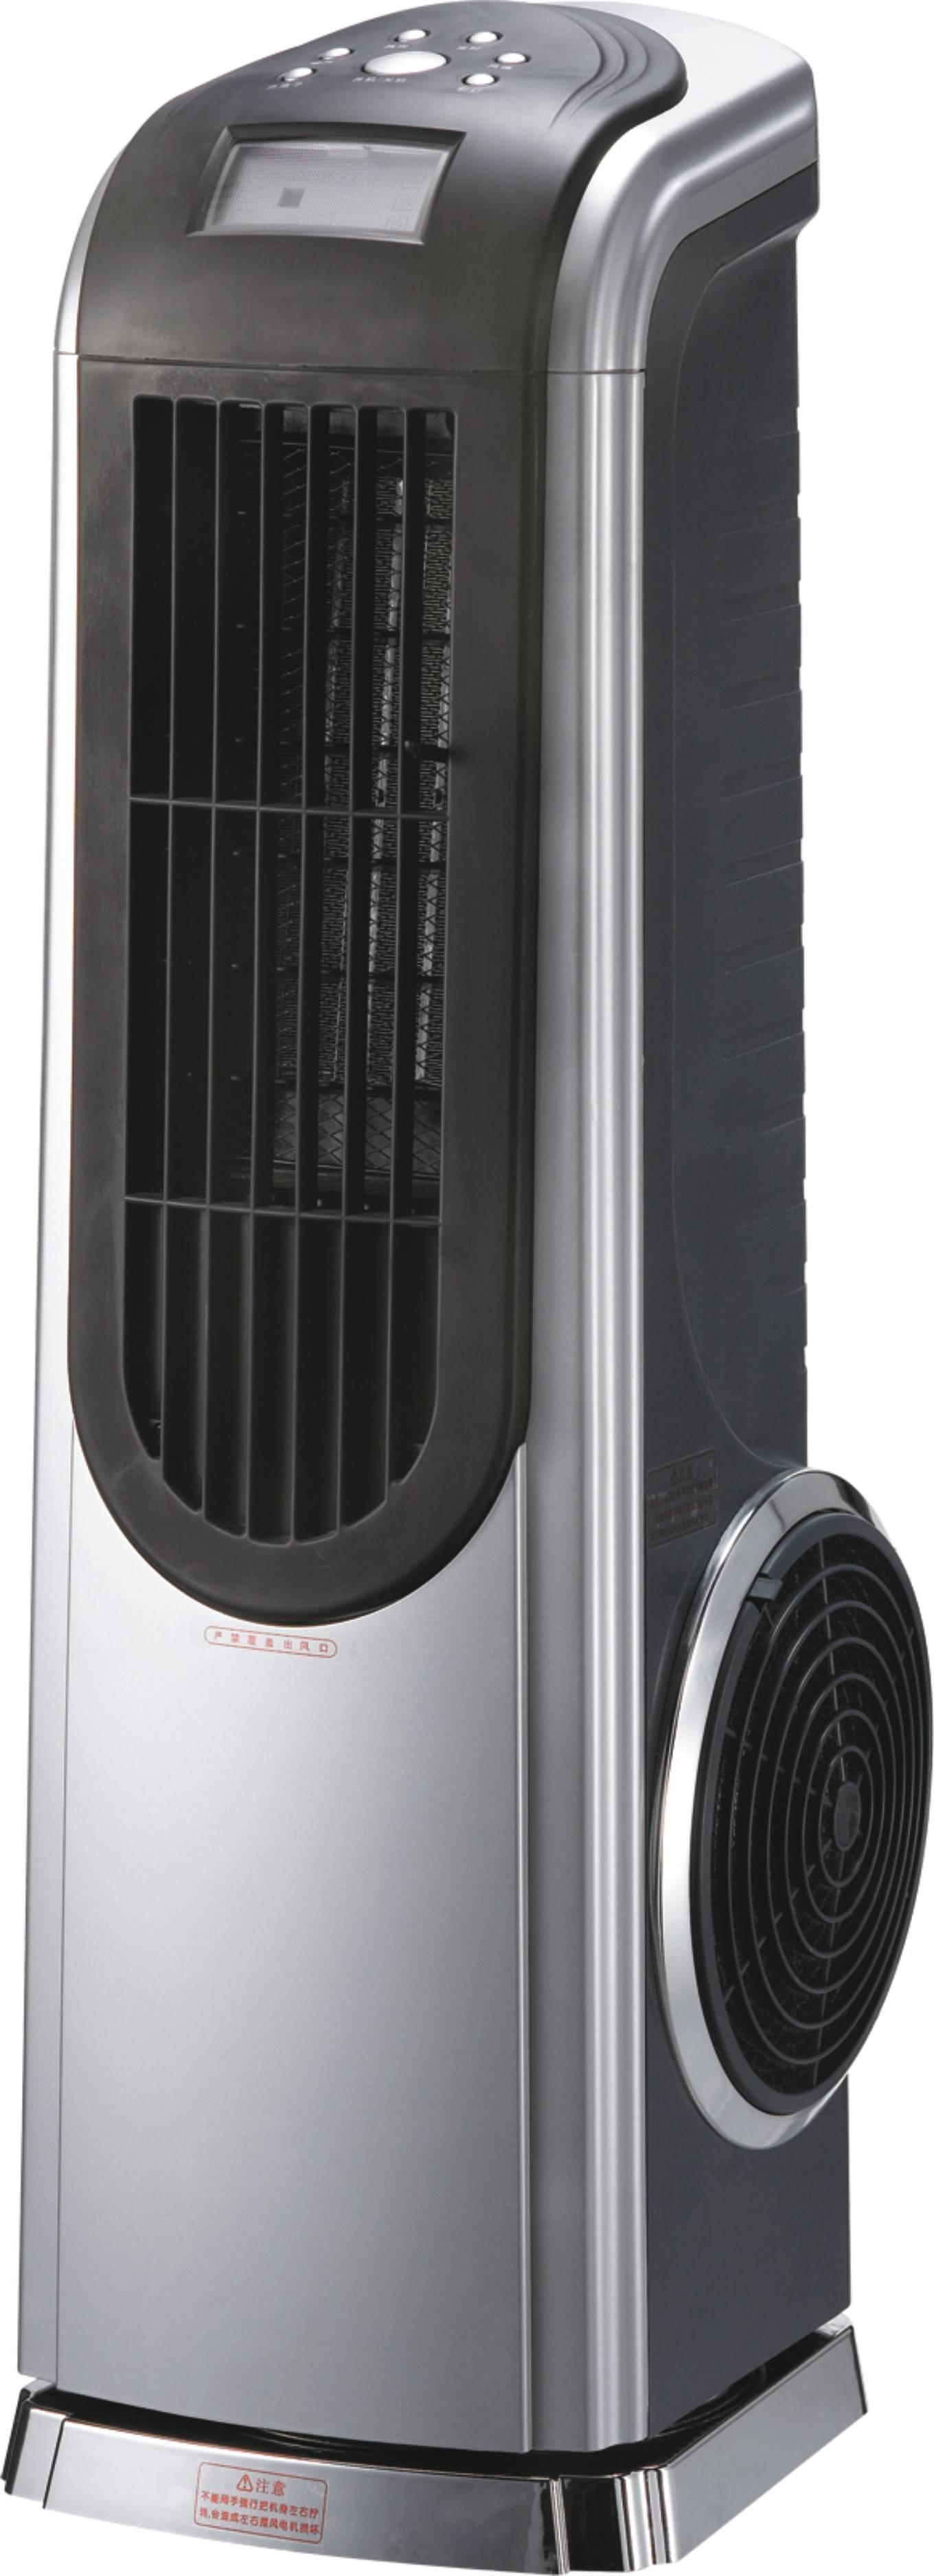 水空调产品图片,水空调产品相册 广州市傲特电子科技高清图片